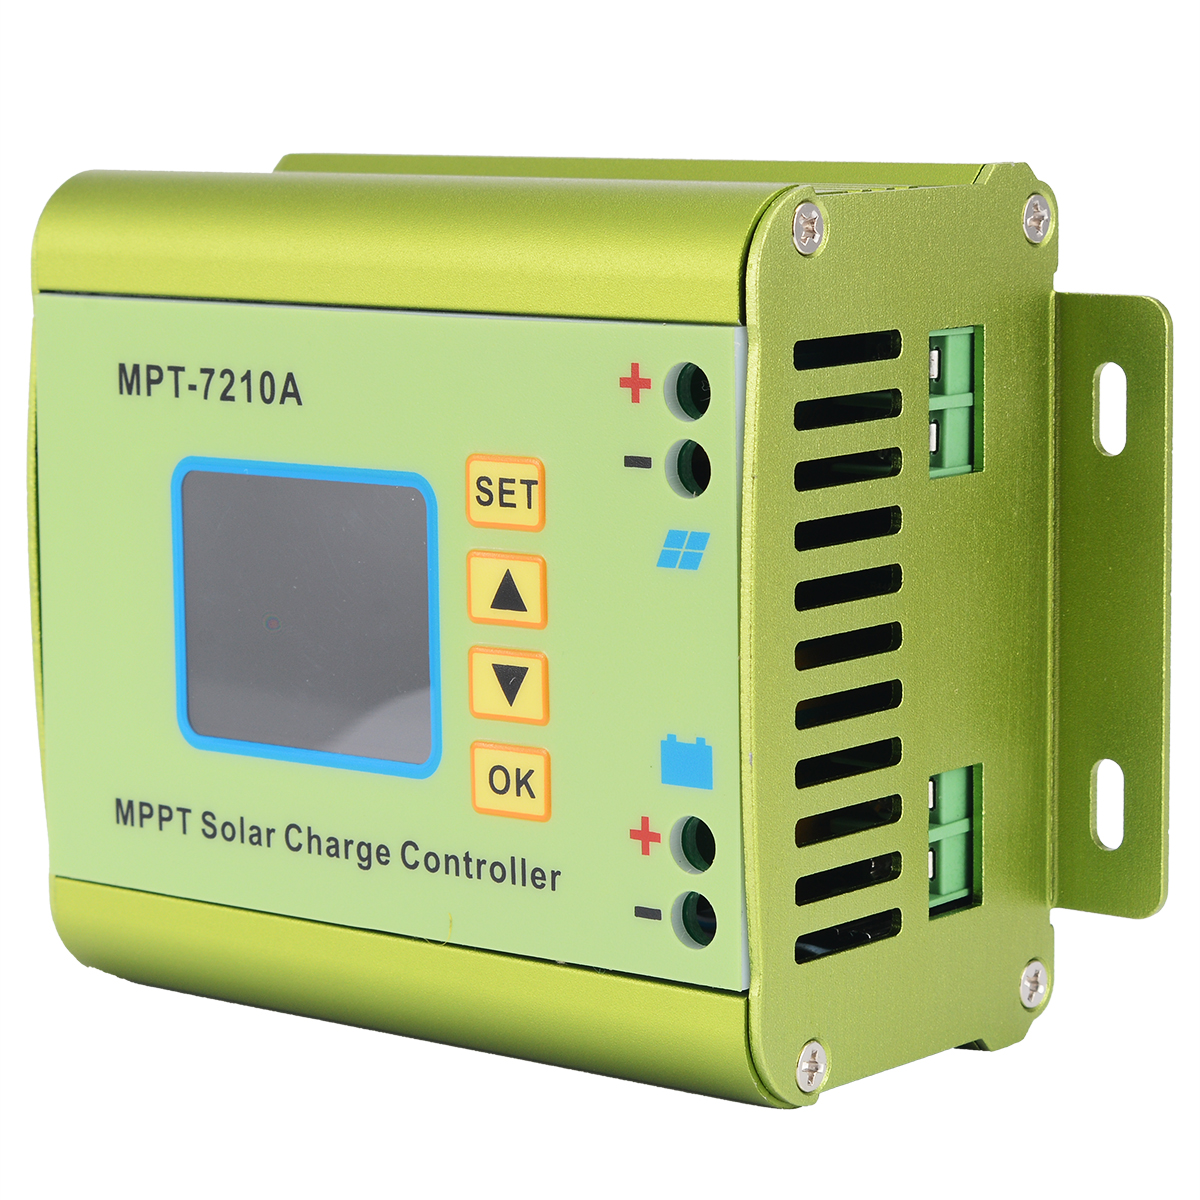 ЖК-дисплей Дисплей MPT-7210A MPPT Панели солнечные контроллер заряда 24/36/48/60/72 В Boost для солнечной батарея Regulatir контроллер